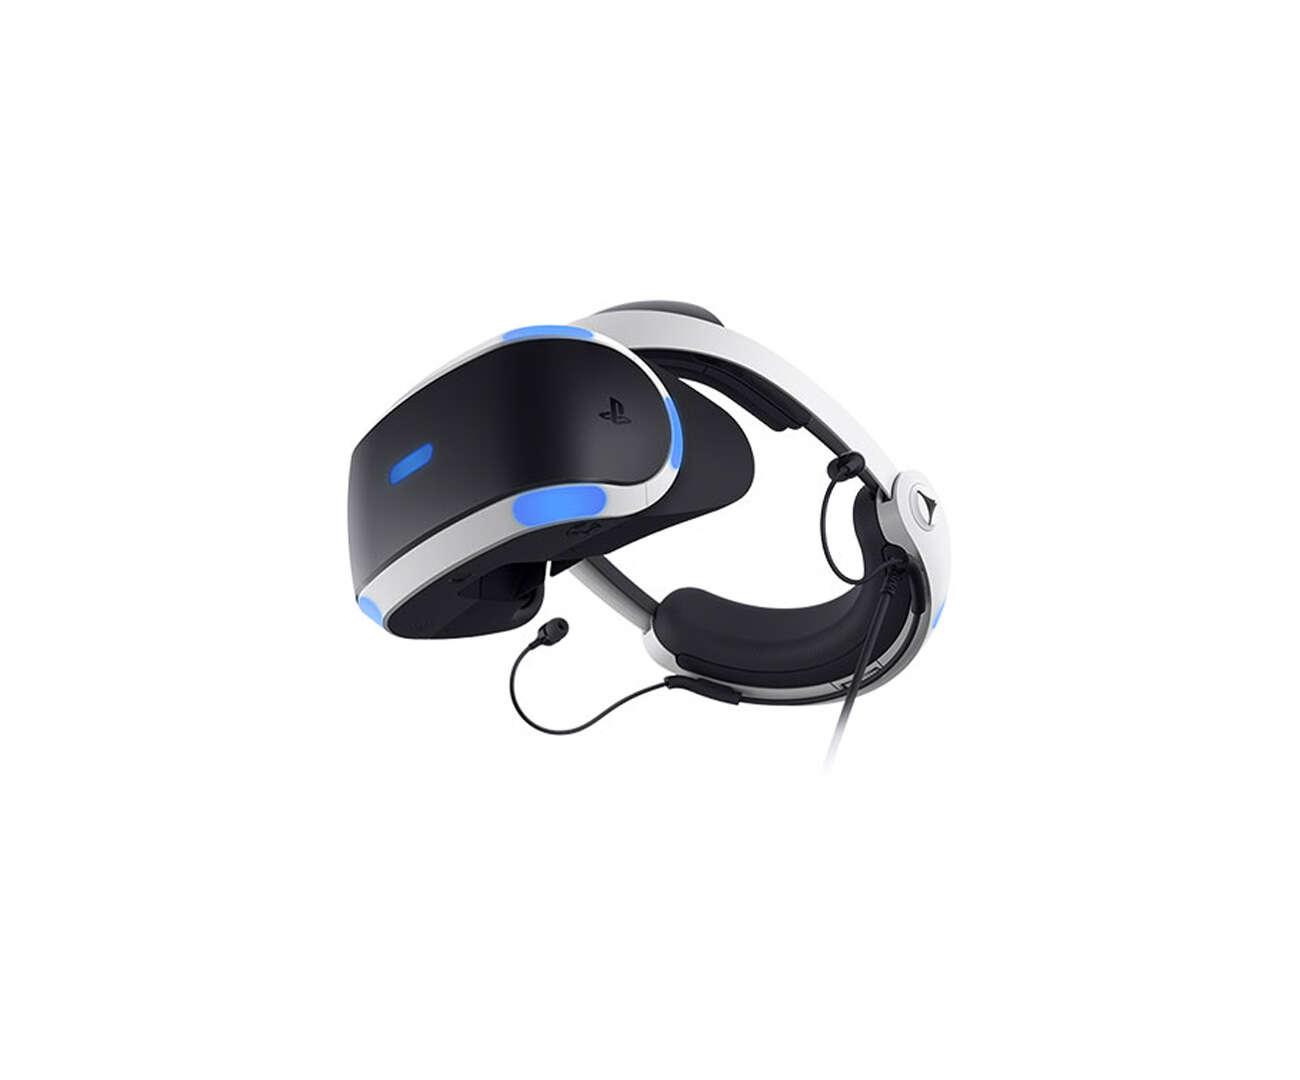 Darmowy adapter PlayStation VR do PS5 już dostępny!